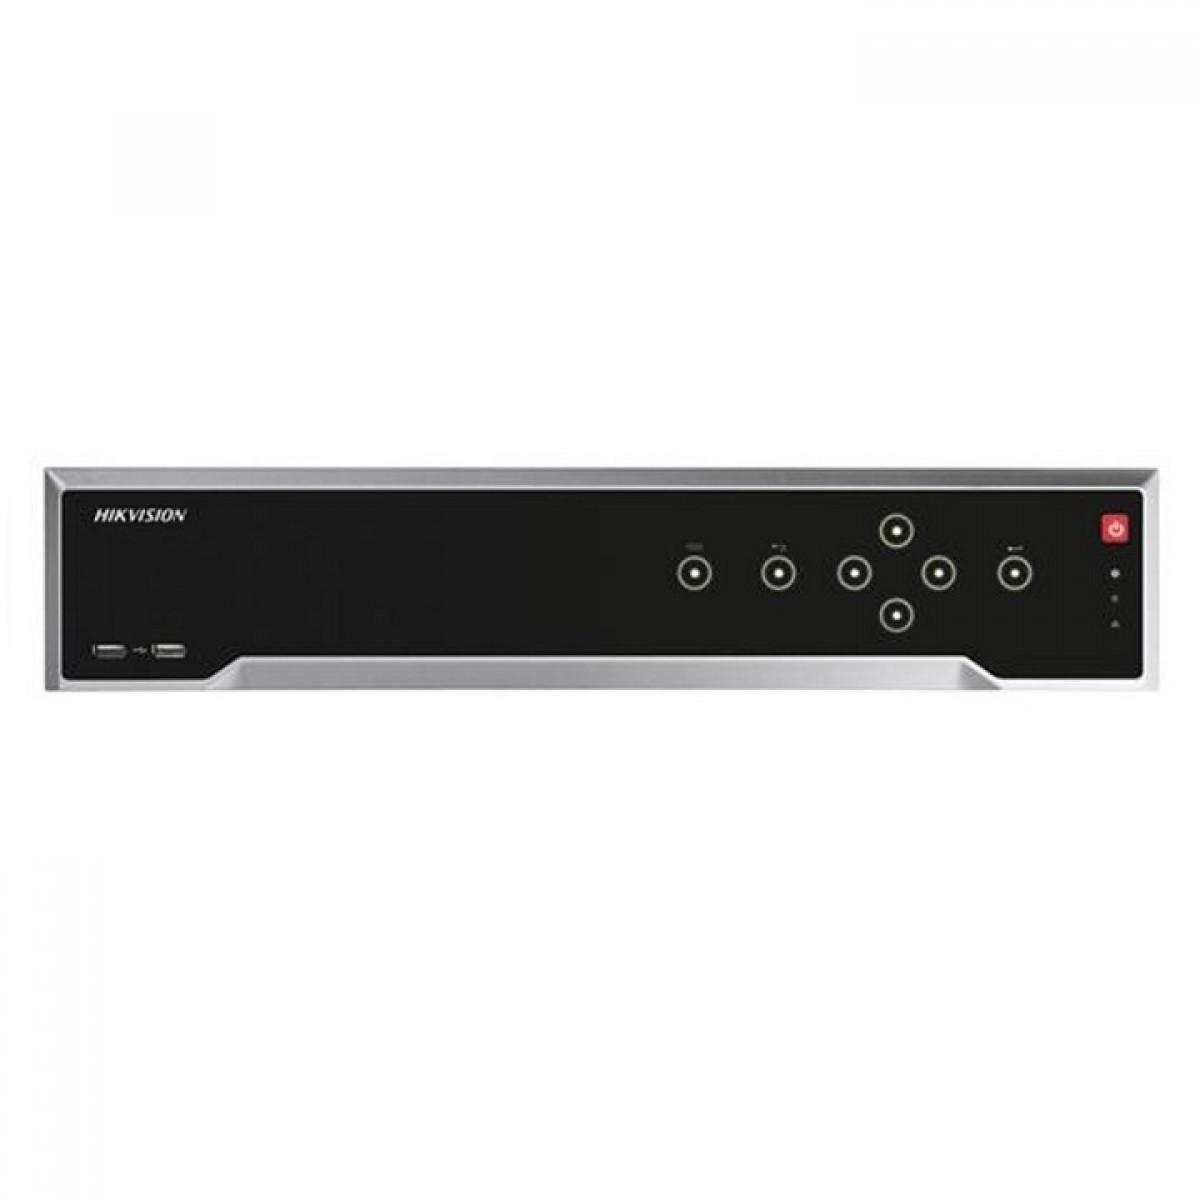 Đầu ghi hình IP camera 32 kênh - 16 cổng cấp nguồn POE Hikvision DS-7732NI-I4/16P